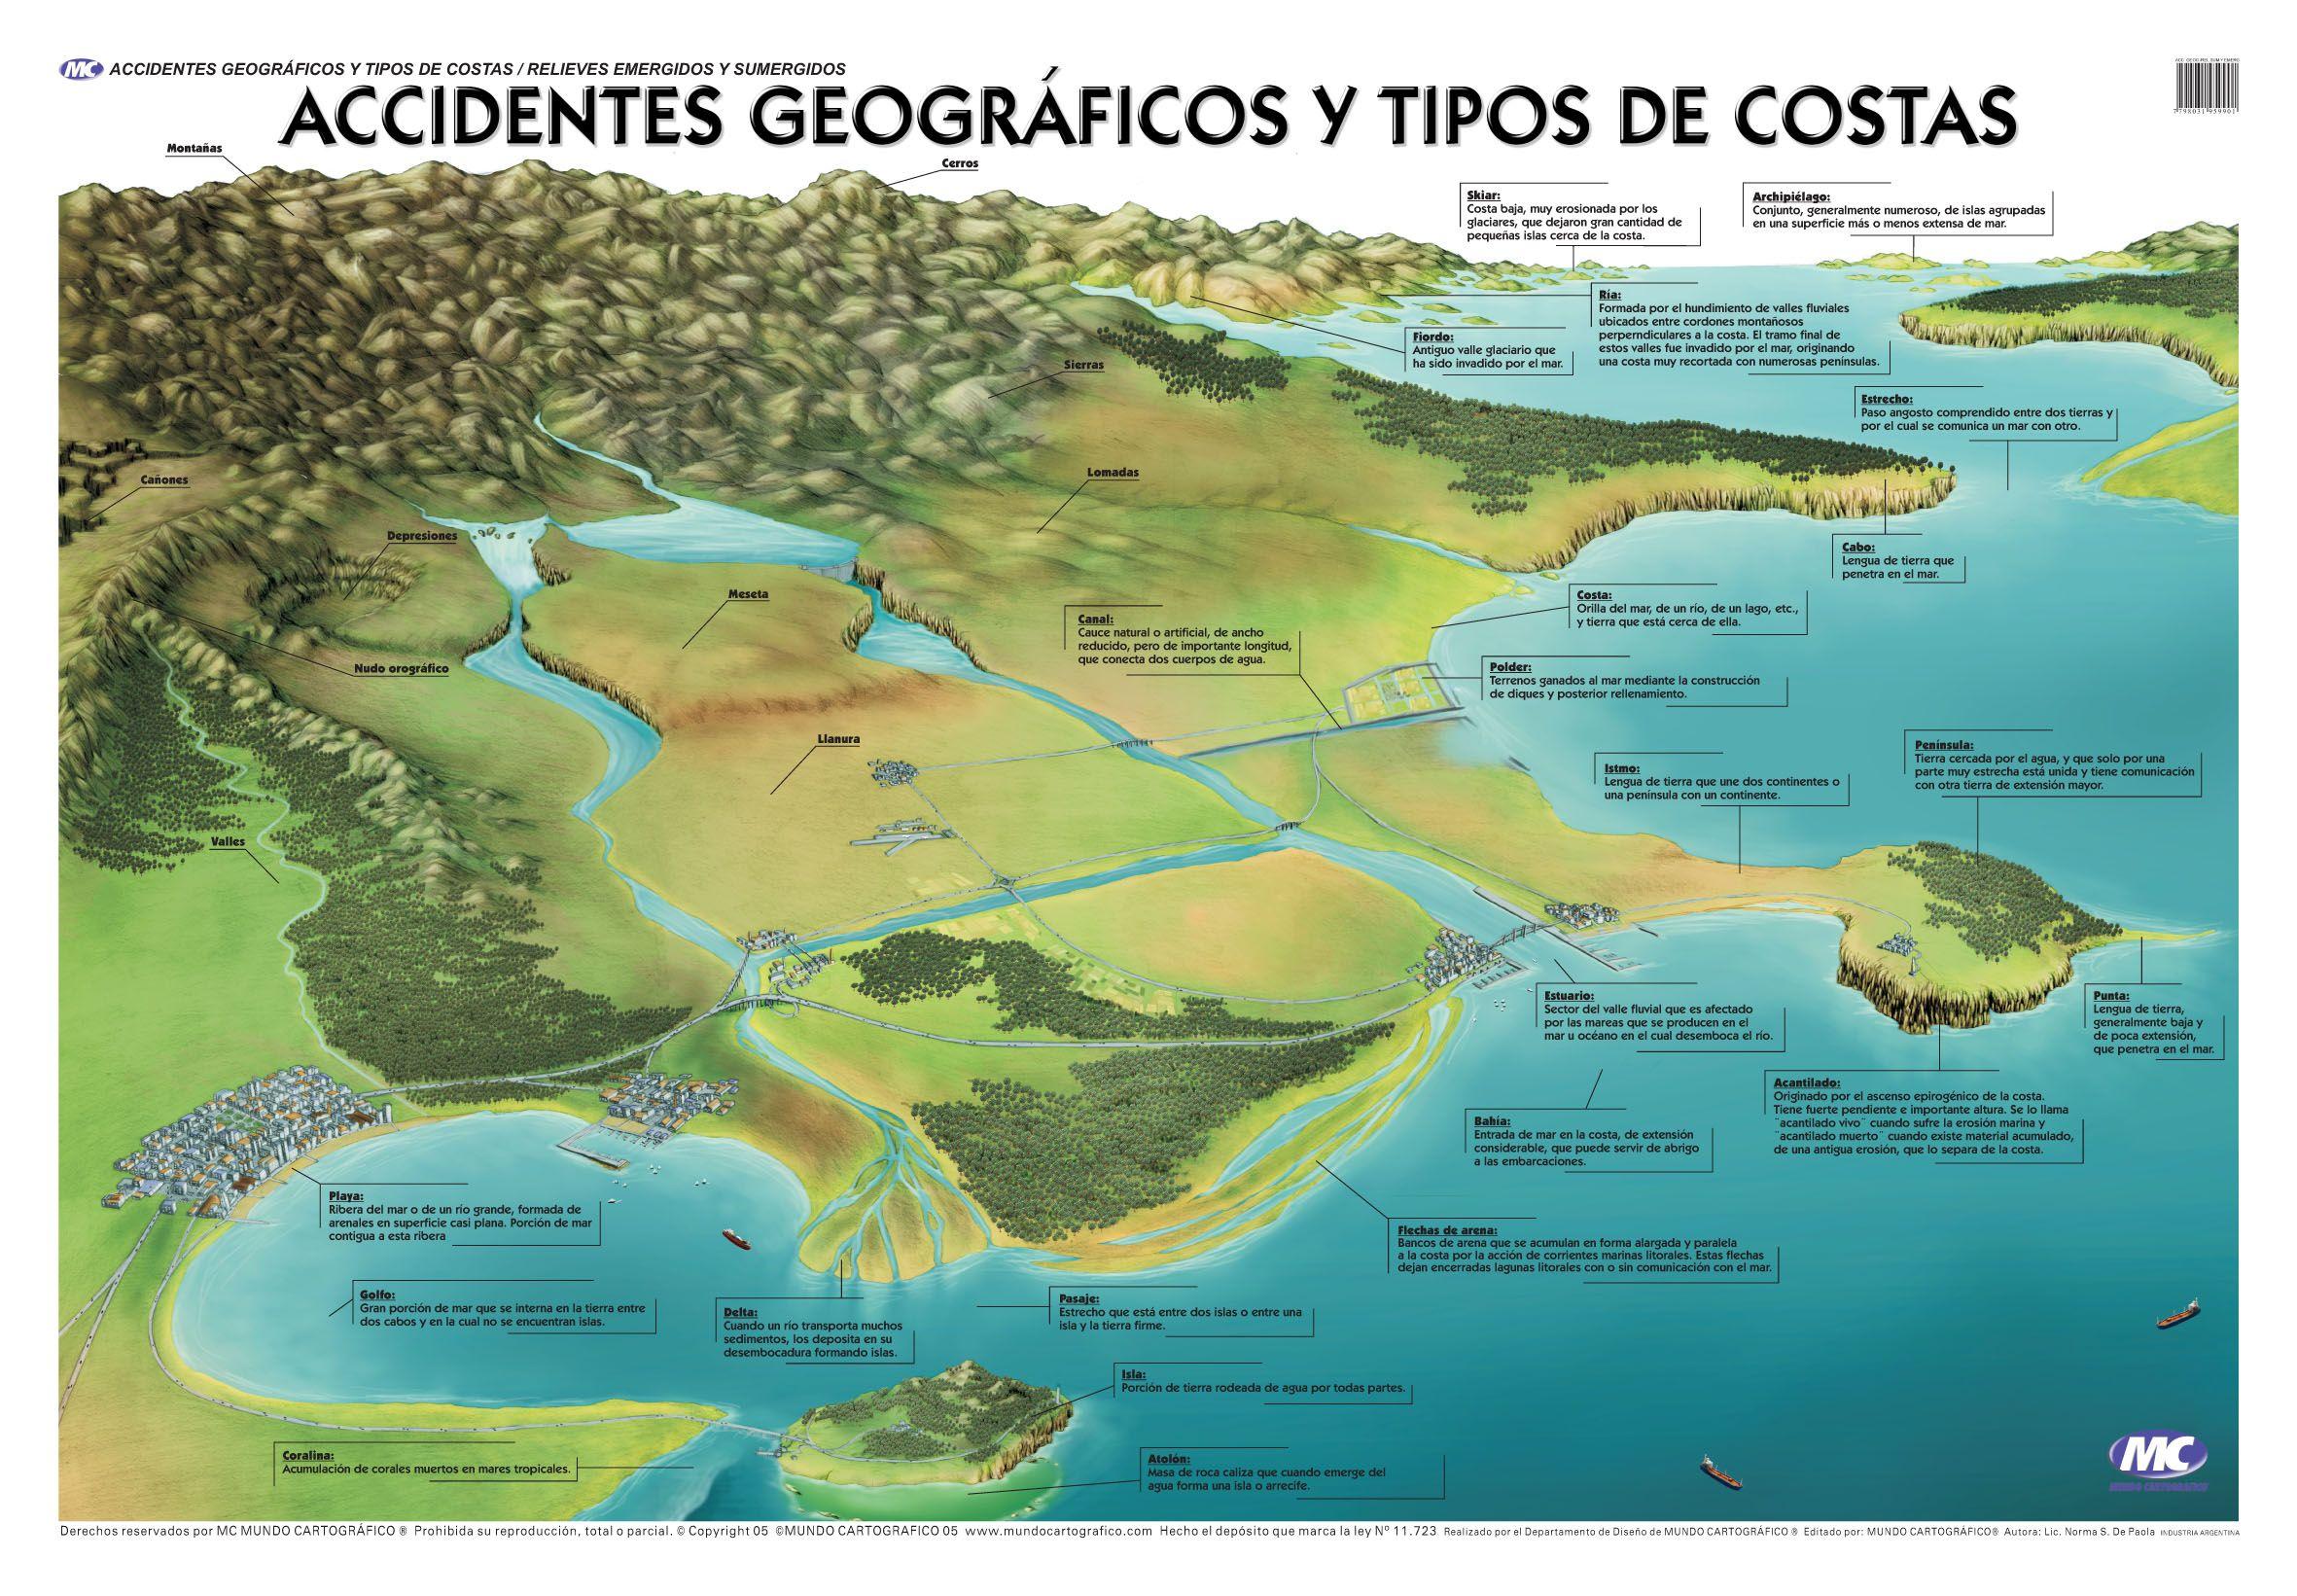 Accidentes Geograficos Y Tipos Ref Cienat2191 Jpg 2362 1641 Geografía Física Accidentes Geograficos Geografía